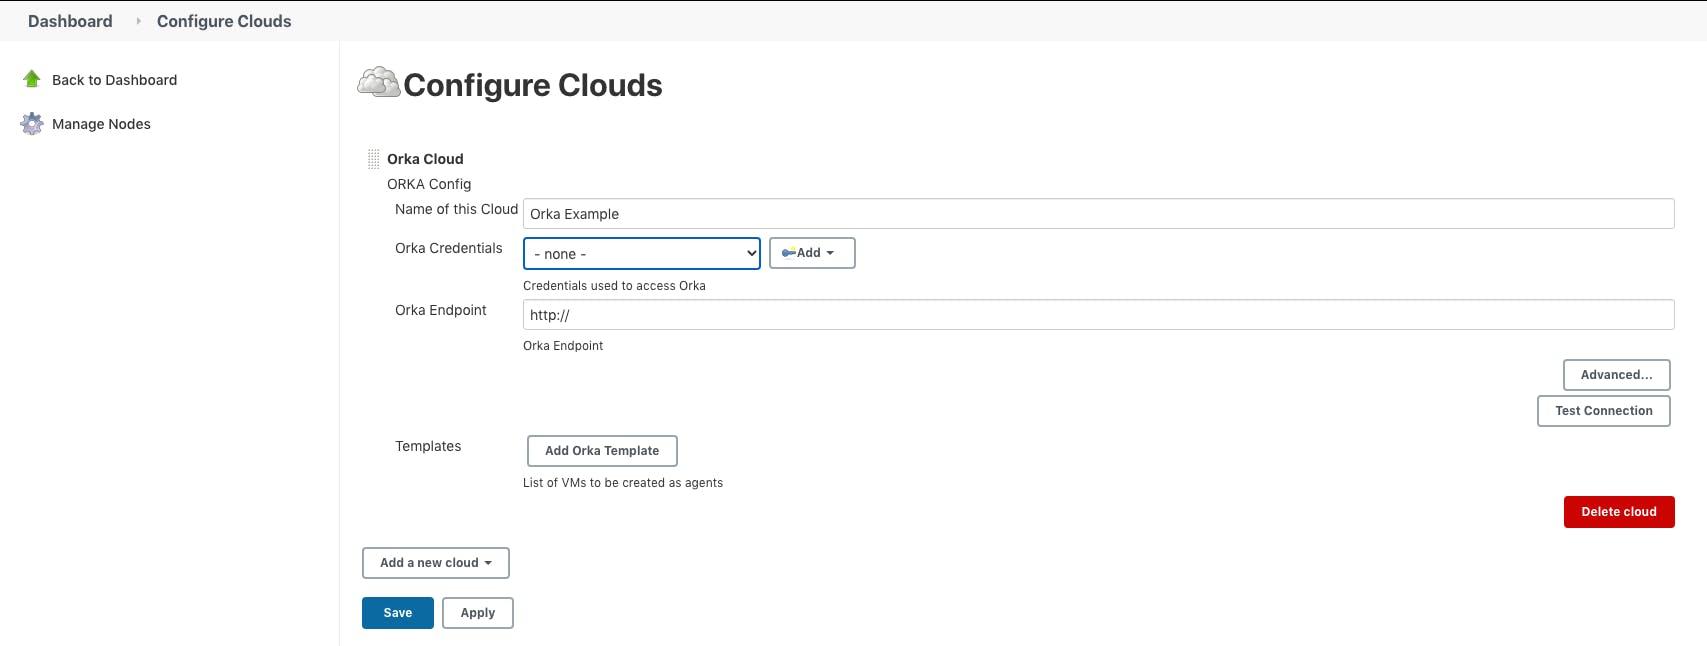 add new cloud in Jenkins_Orka cloud